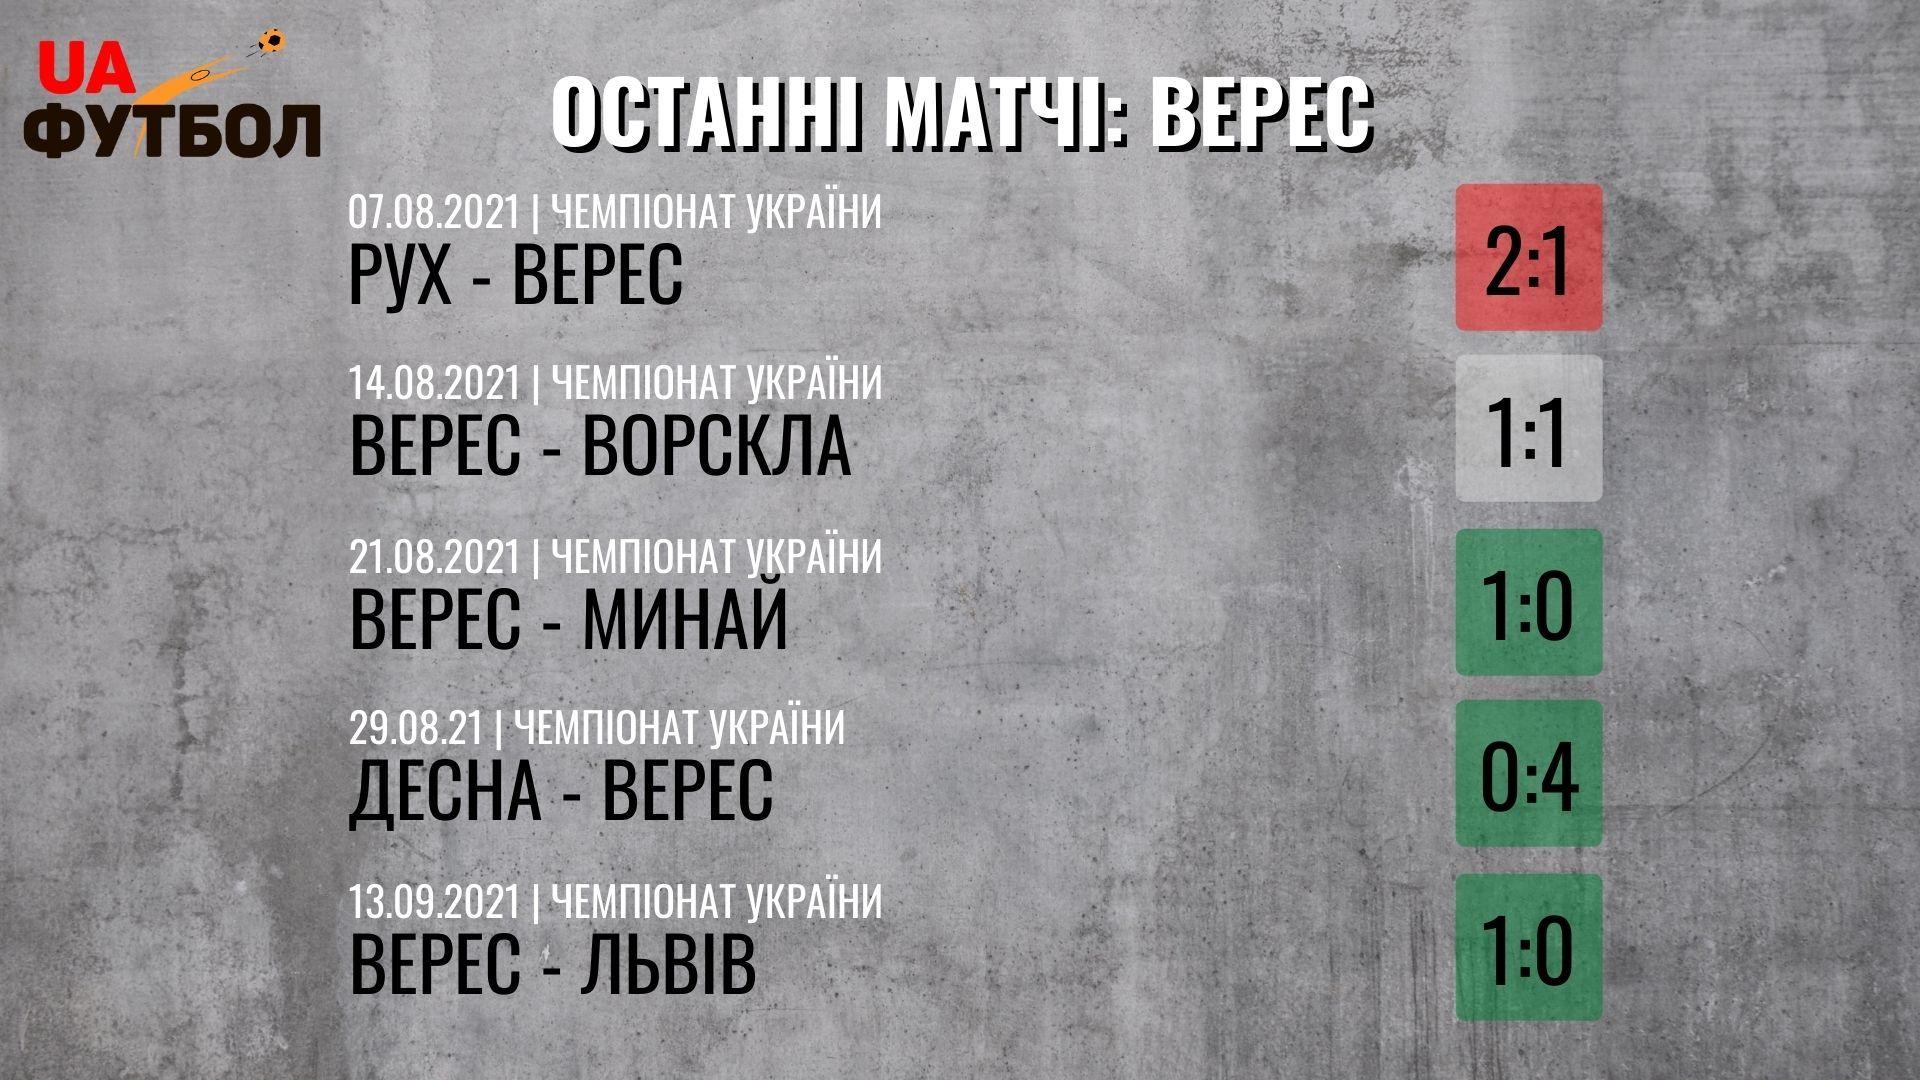 Днепр-1 - Верес. Анонс и прогноз на матч УПЛ 18.09.2021 - изображение 2